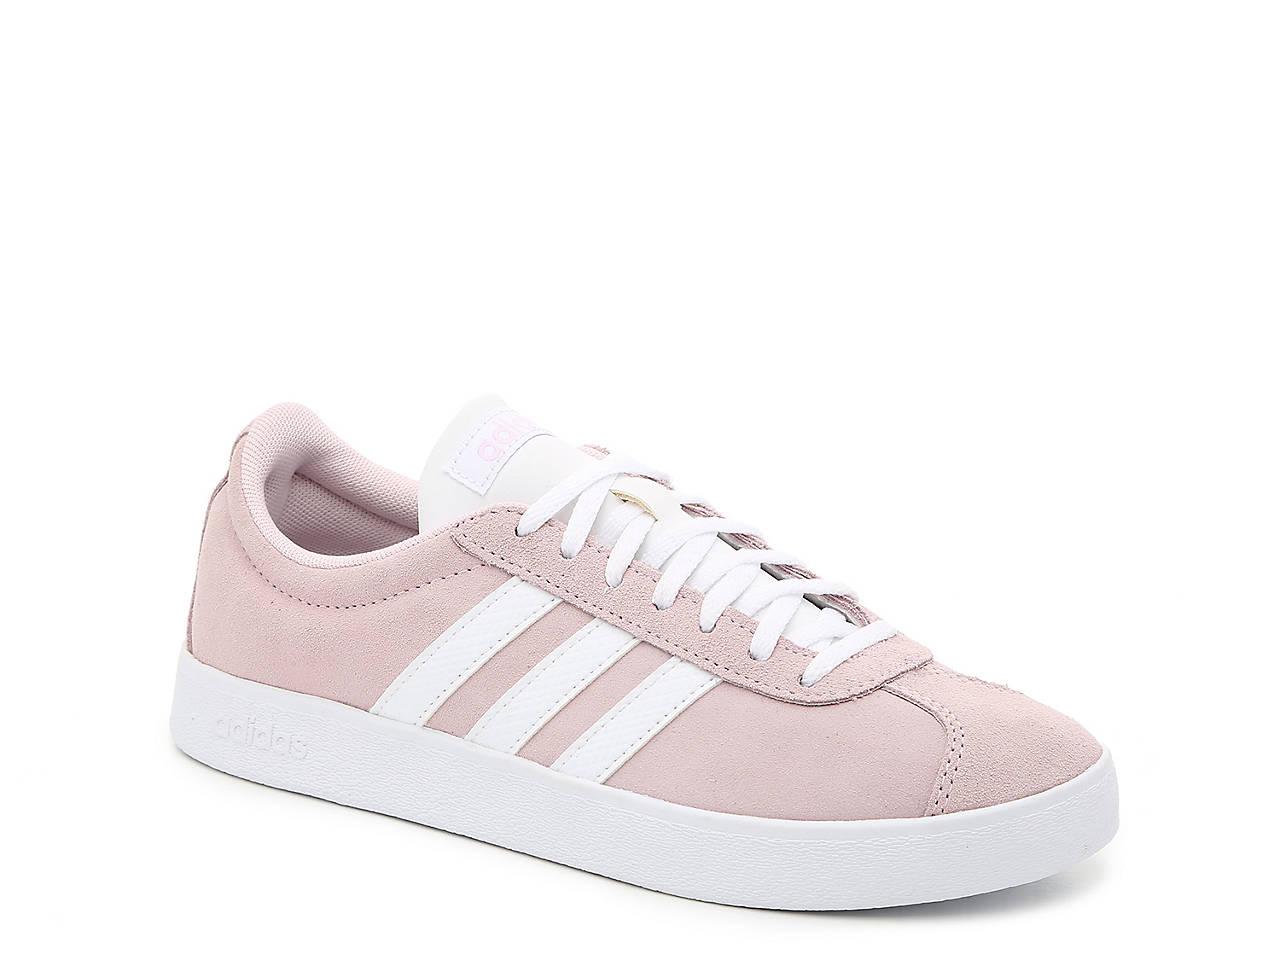 ff7f6aeea0ee adidas VL Court 2.0 Sneaker - Women s Women s Shoes